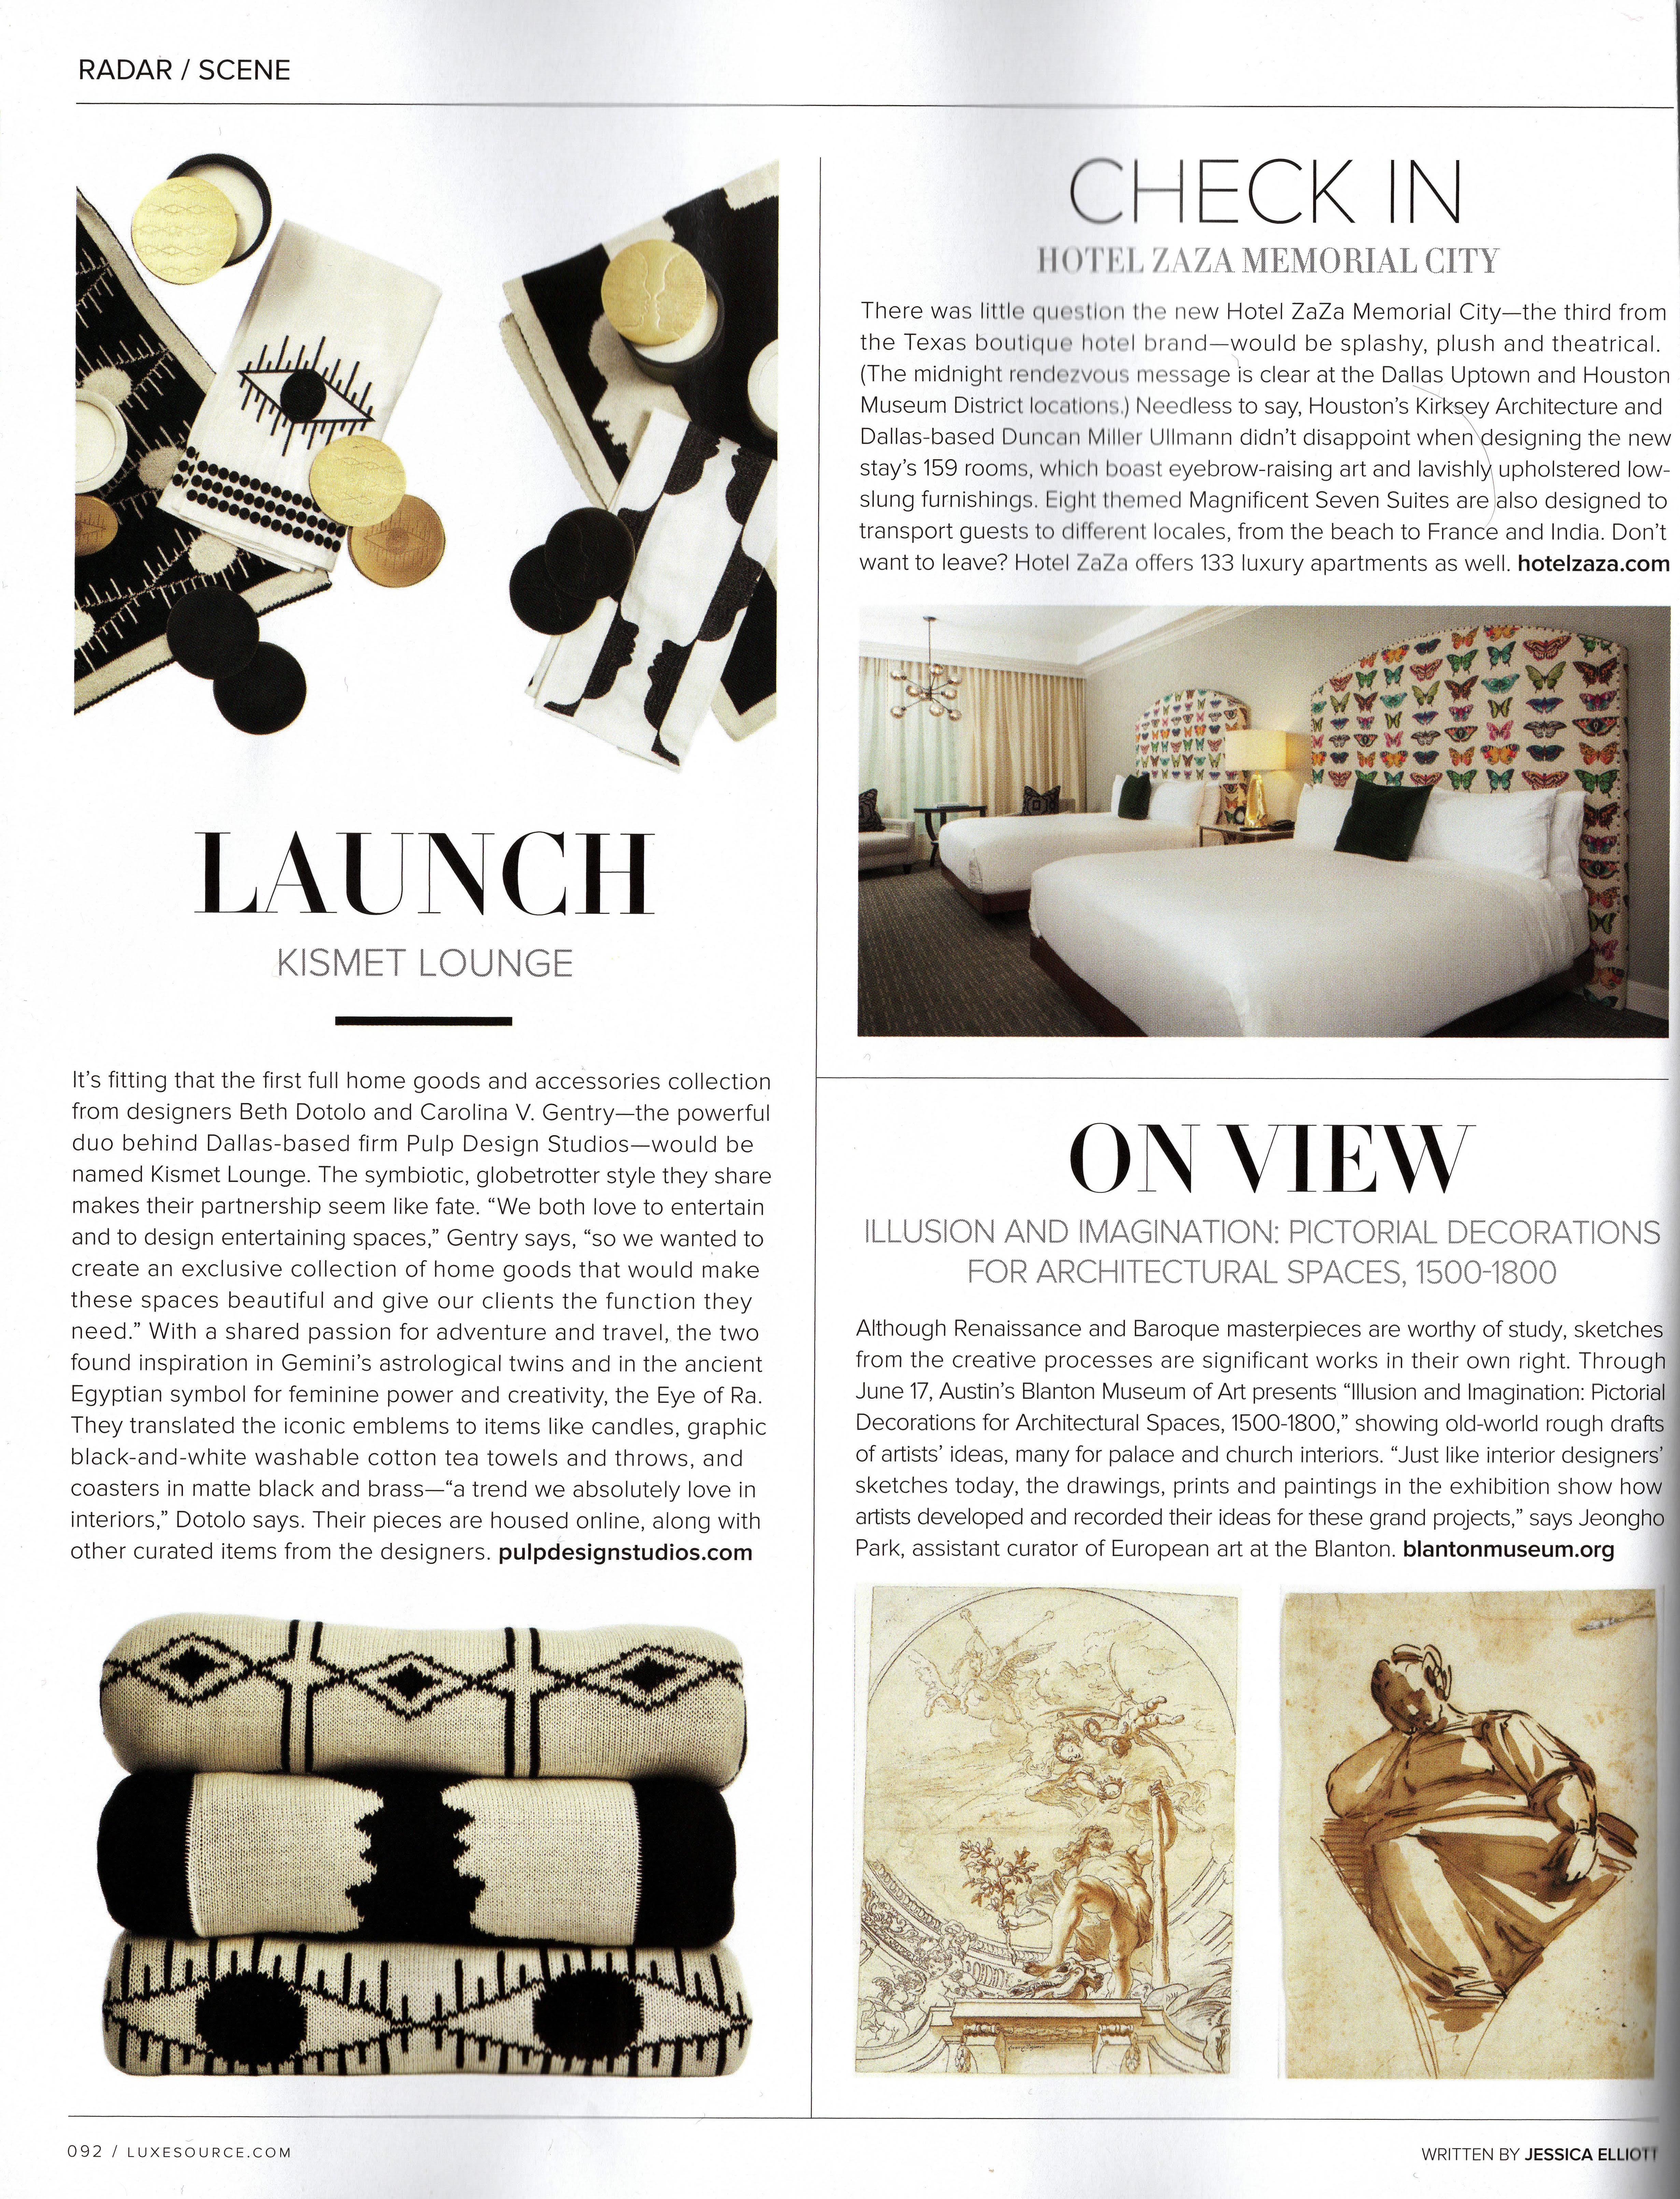 Luxe Magazine Pulp Design Studios